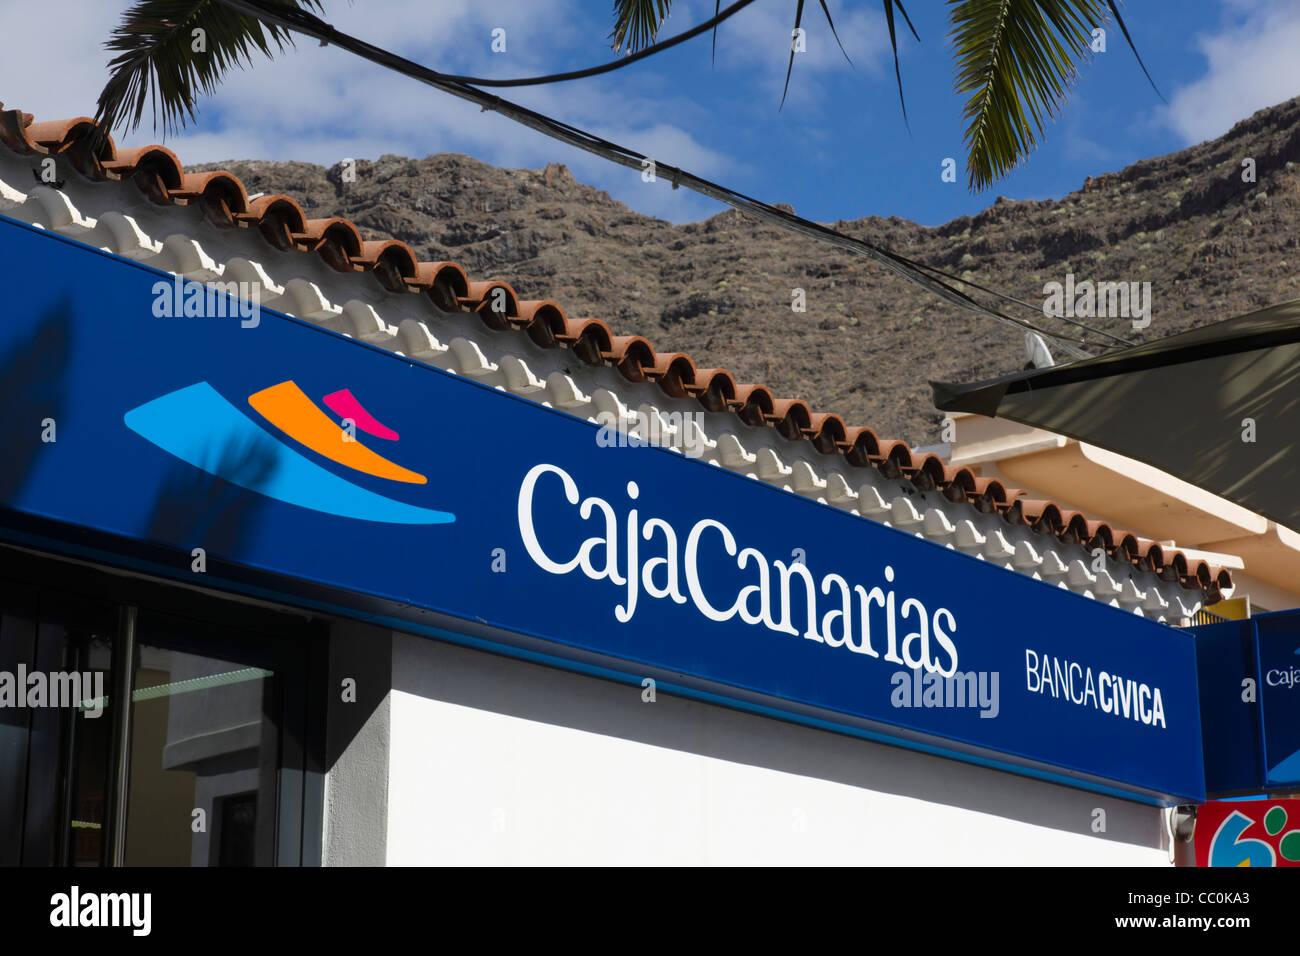 Caja Canarias, Kanarische Inseln Privatkundengeschäft der spanischen BancaCivica Stockbild